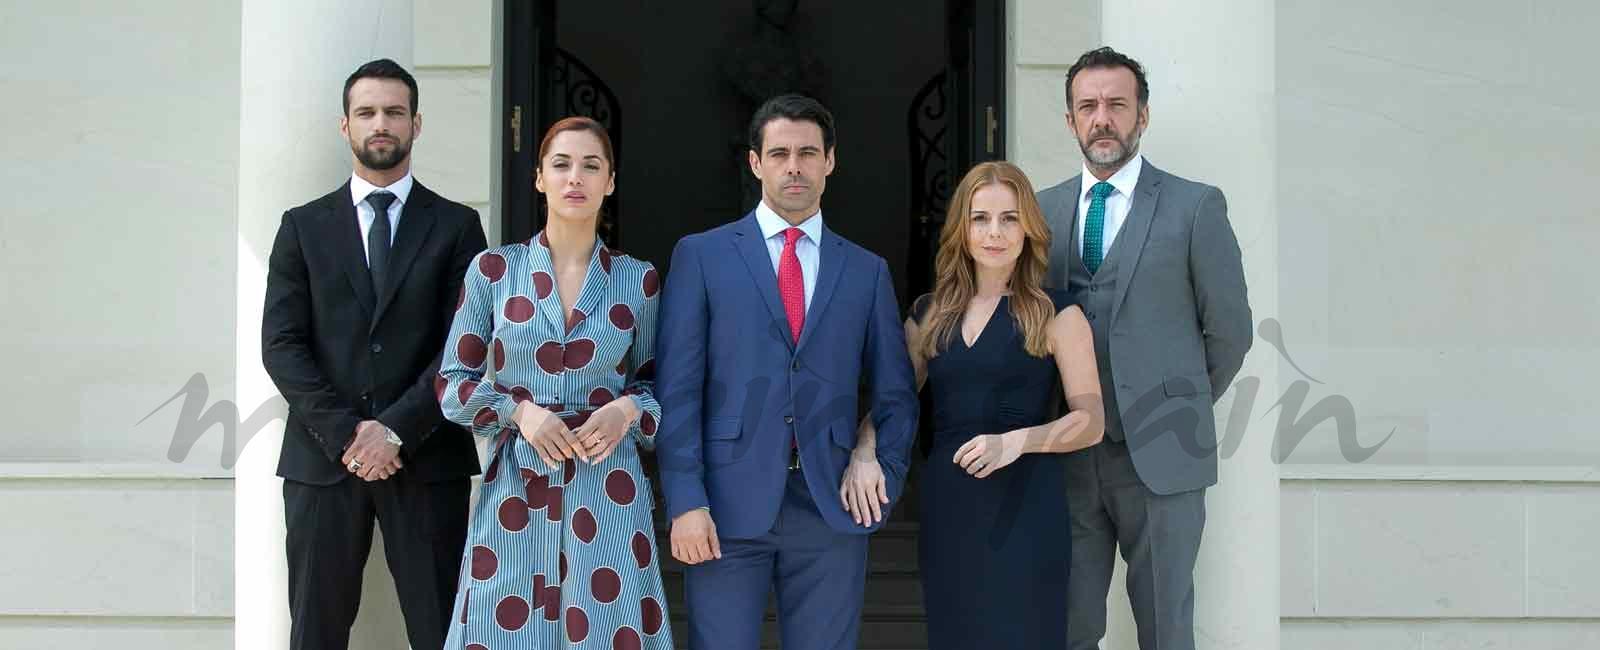 «Secretos de Estado», la nueva apuesta de Telecinco